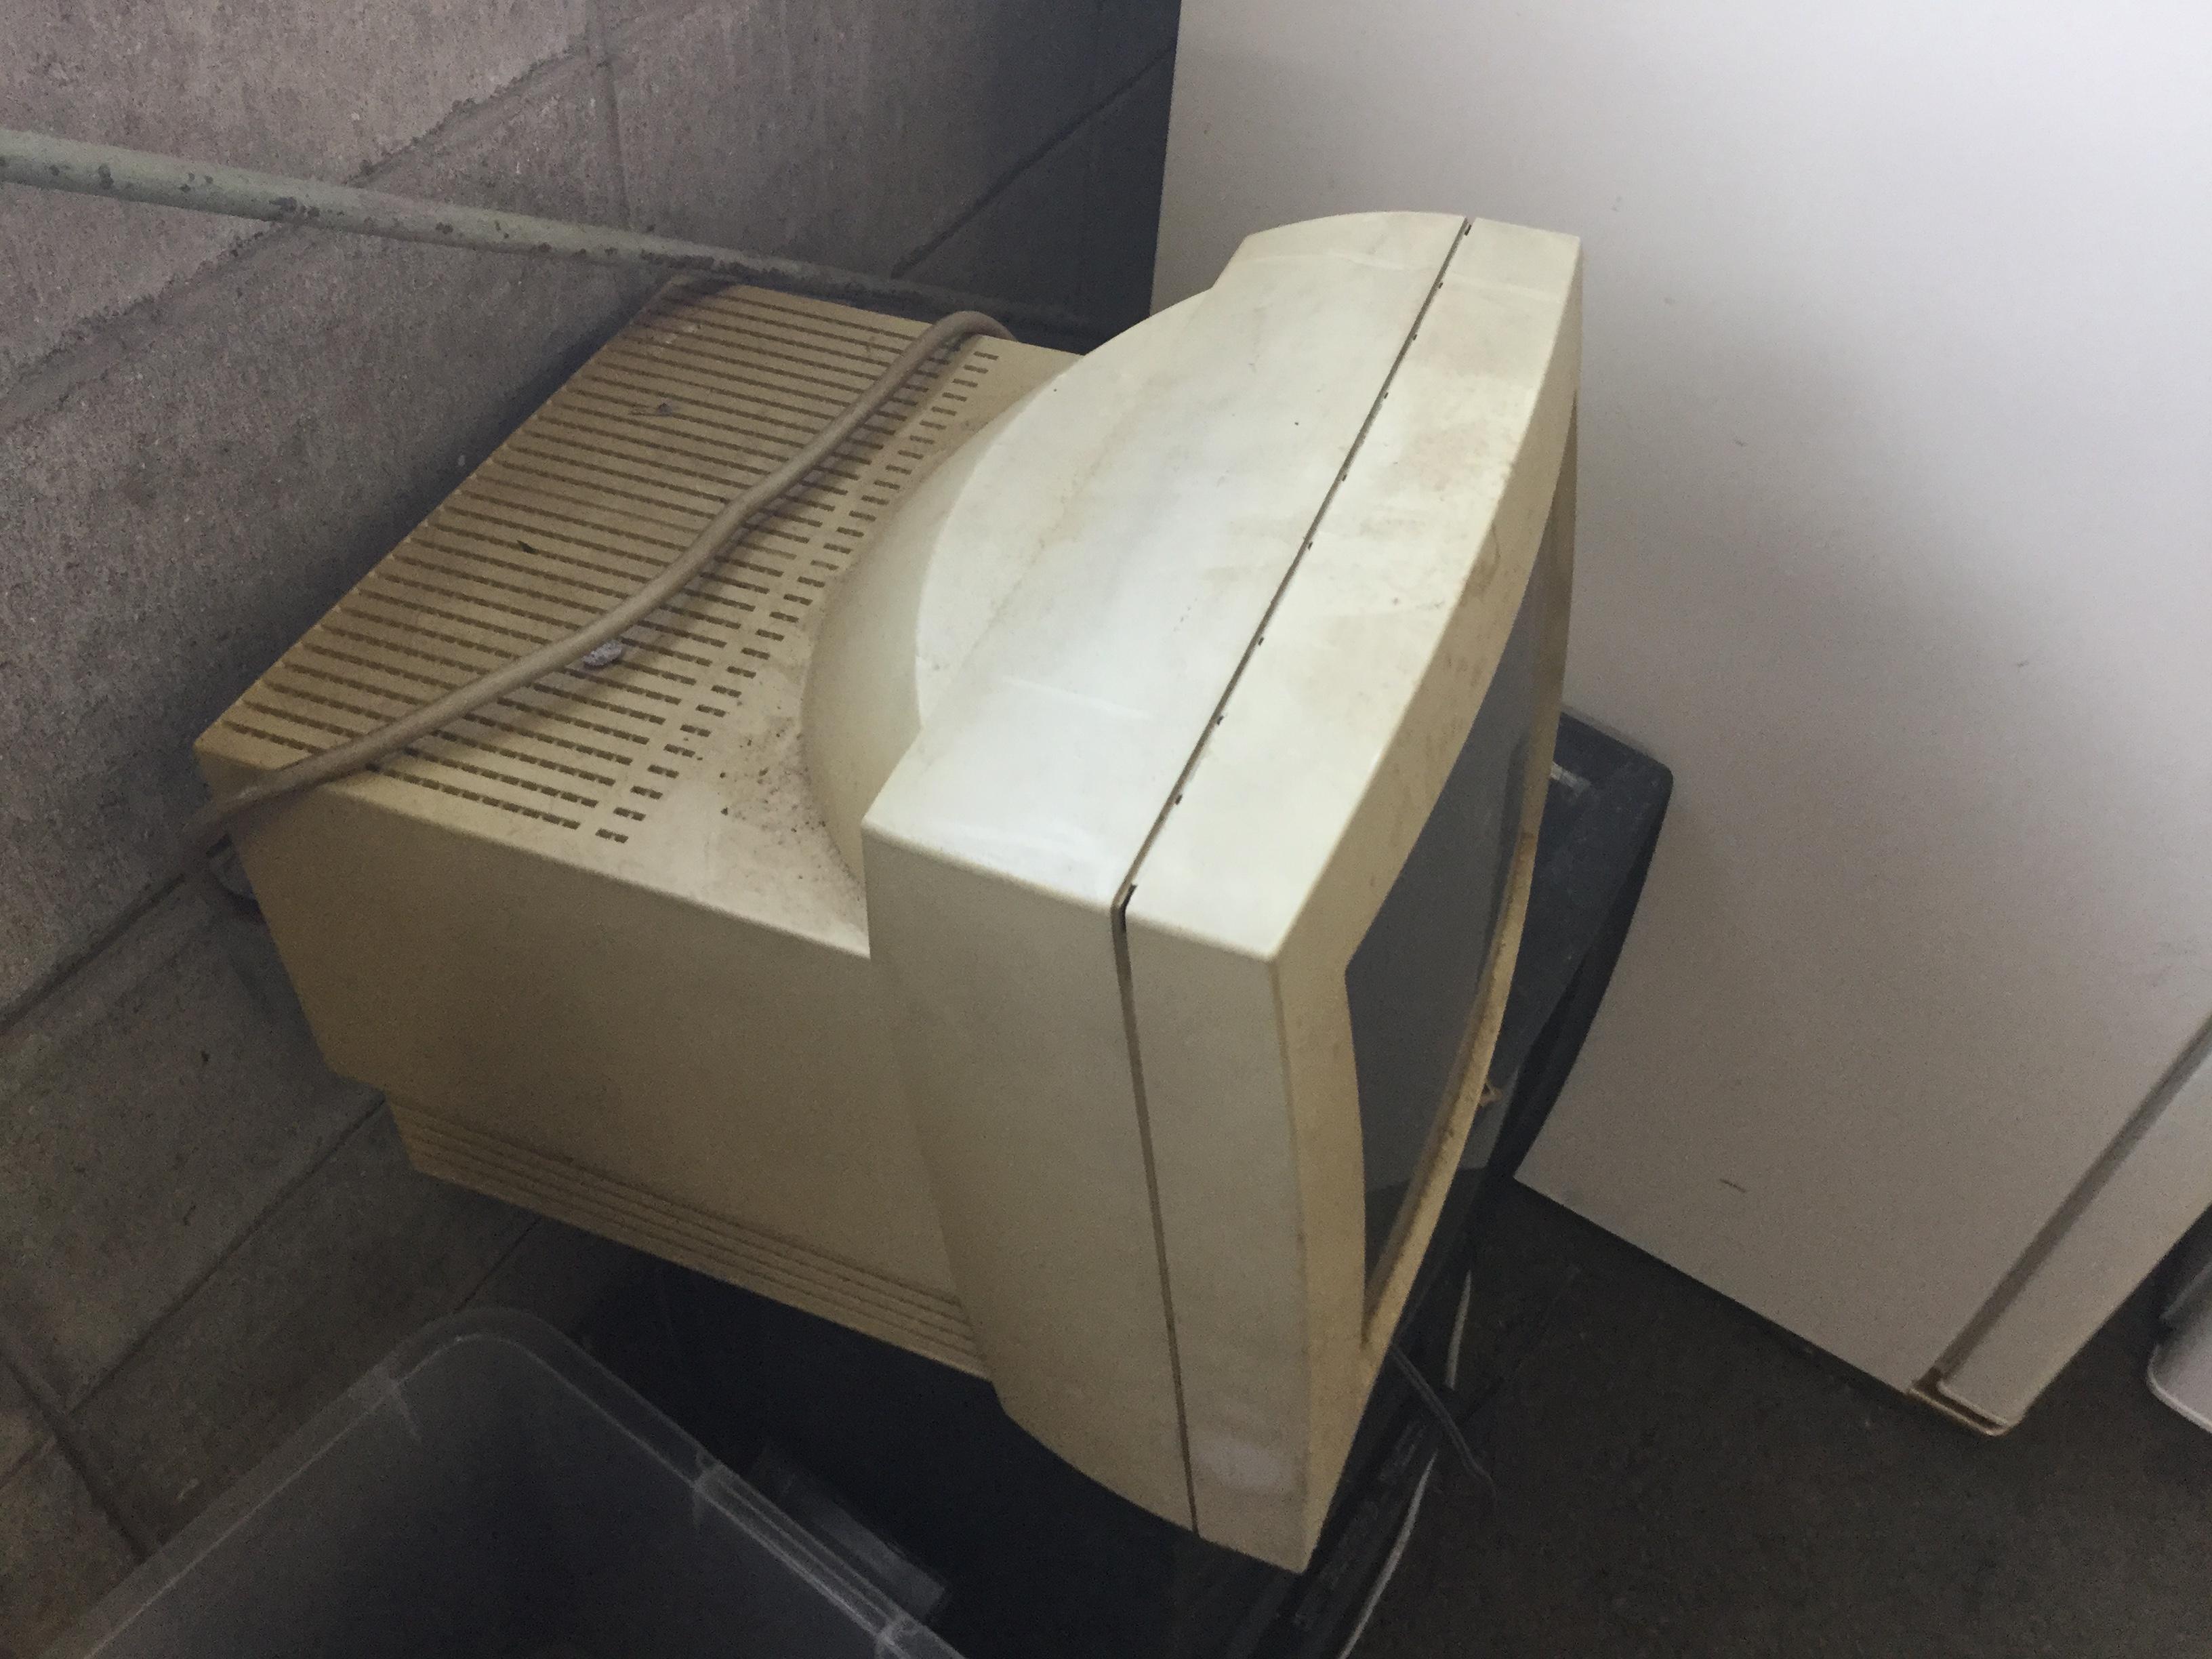 岡山市北区で不用品回収したパソコンモニター